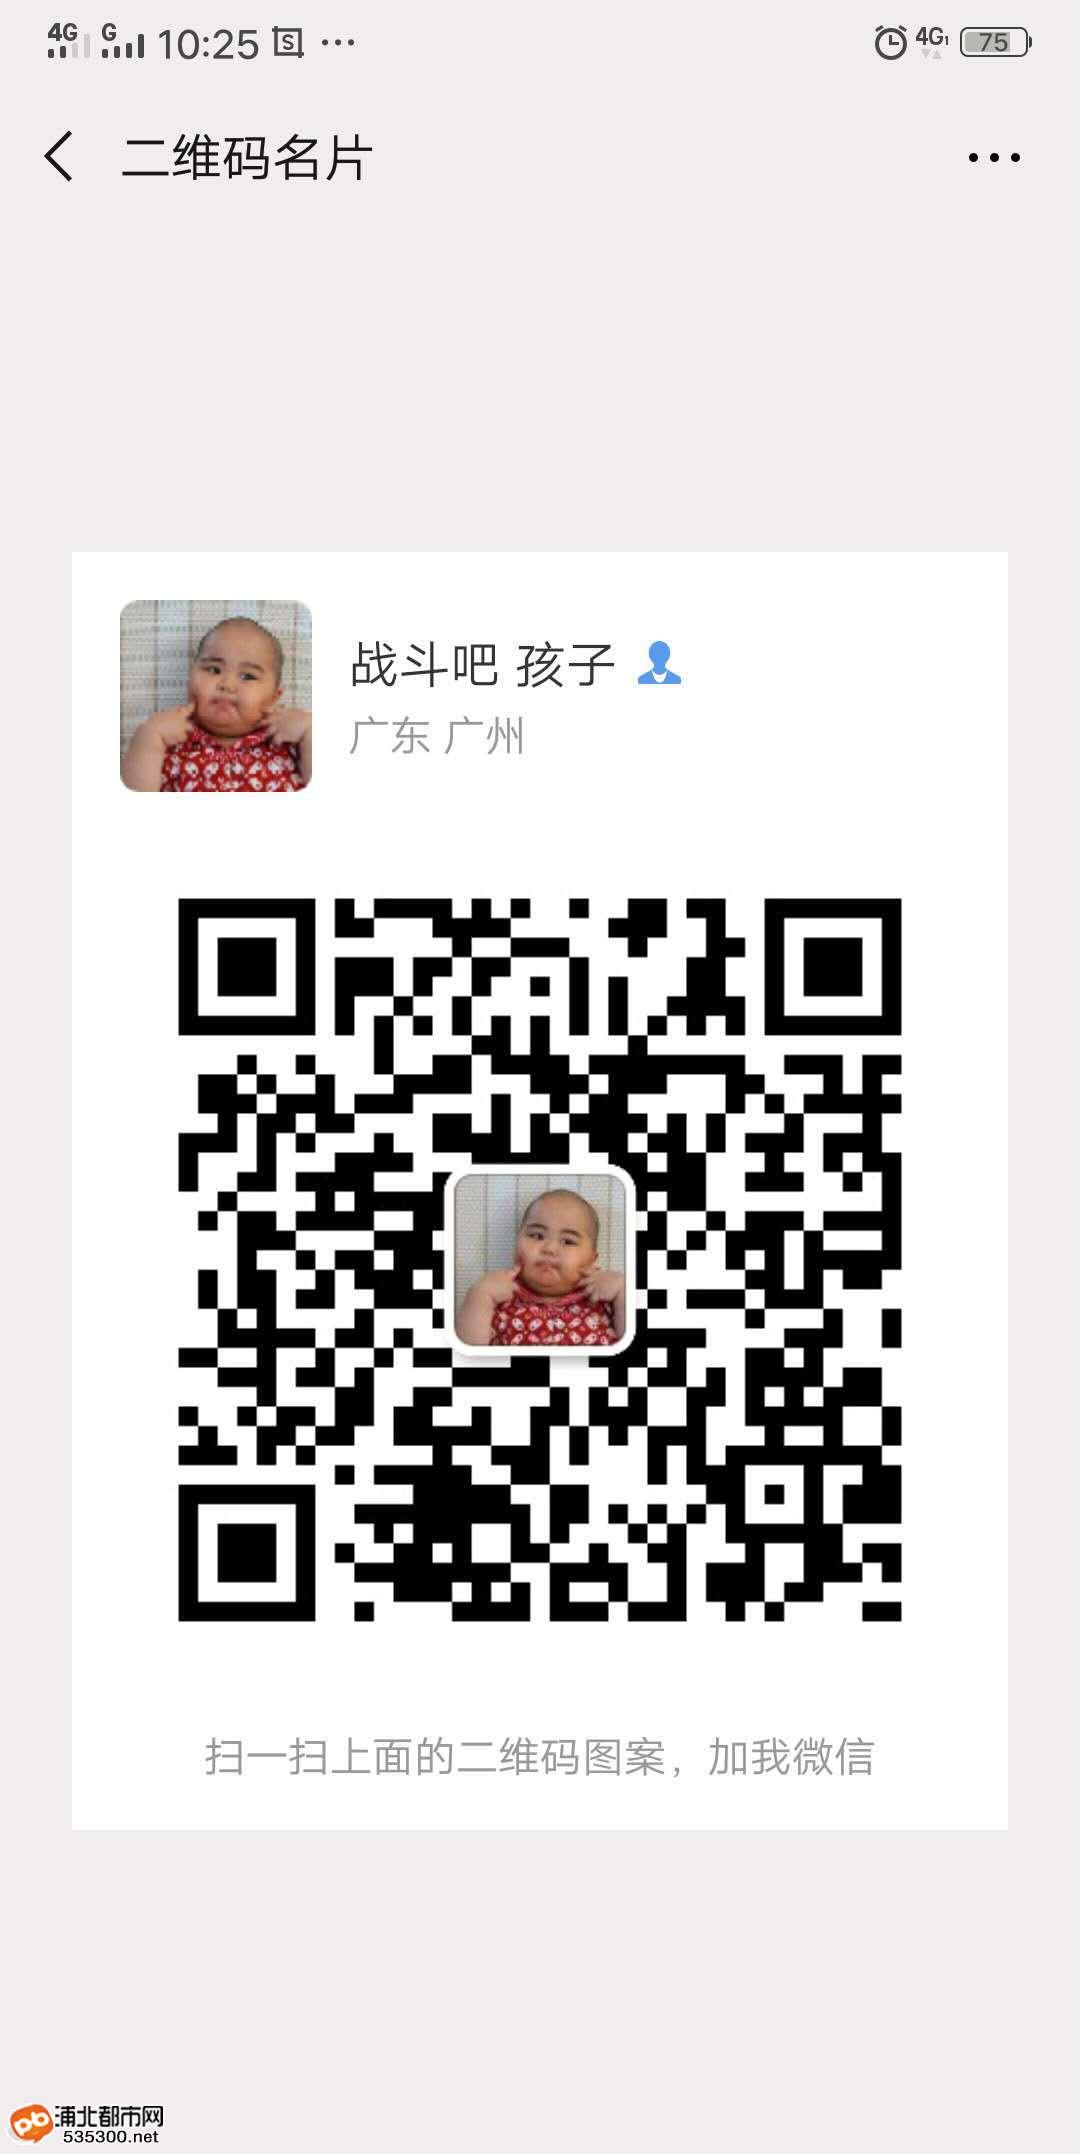 微信图片_20190606151443.jpg